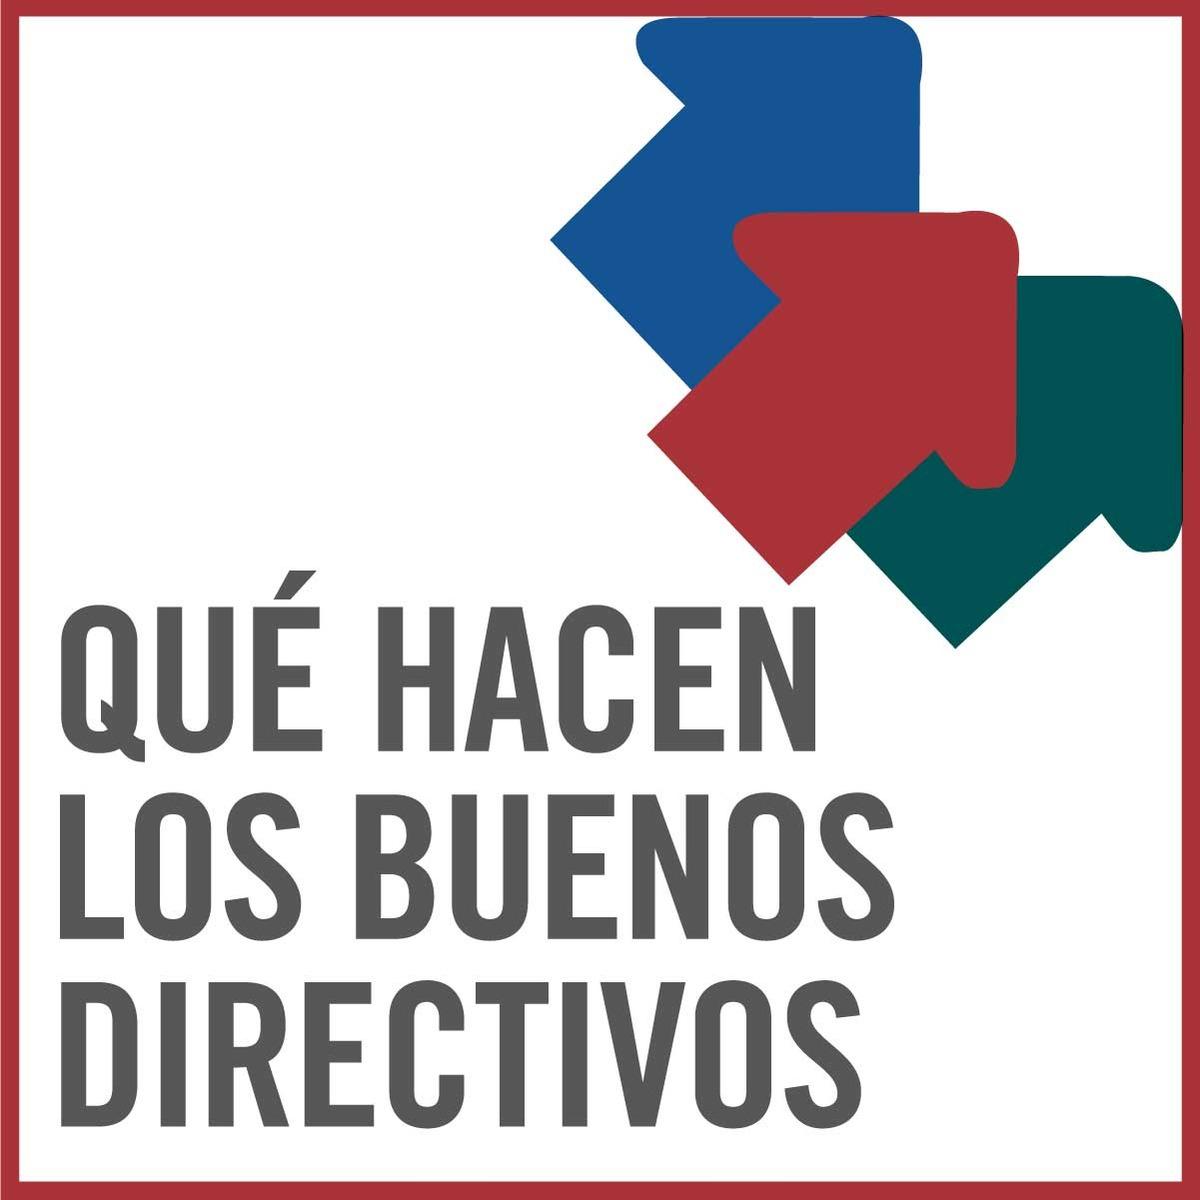 ¿Qué hacen los buenos directivos? Prioridades de la Alta Dirección course image